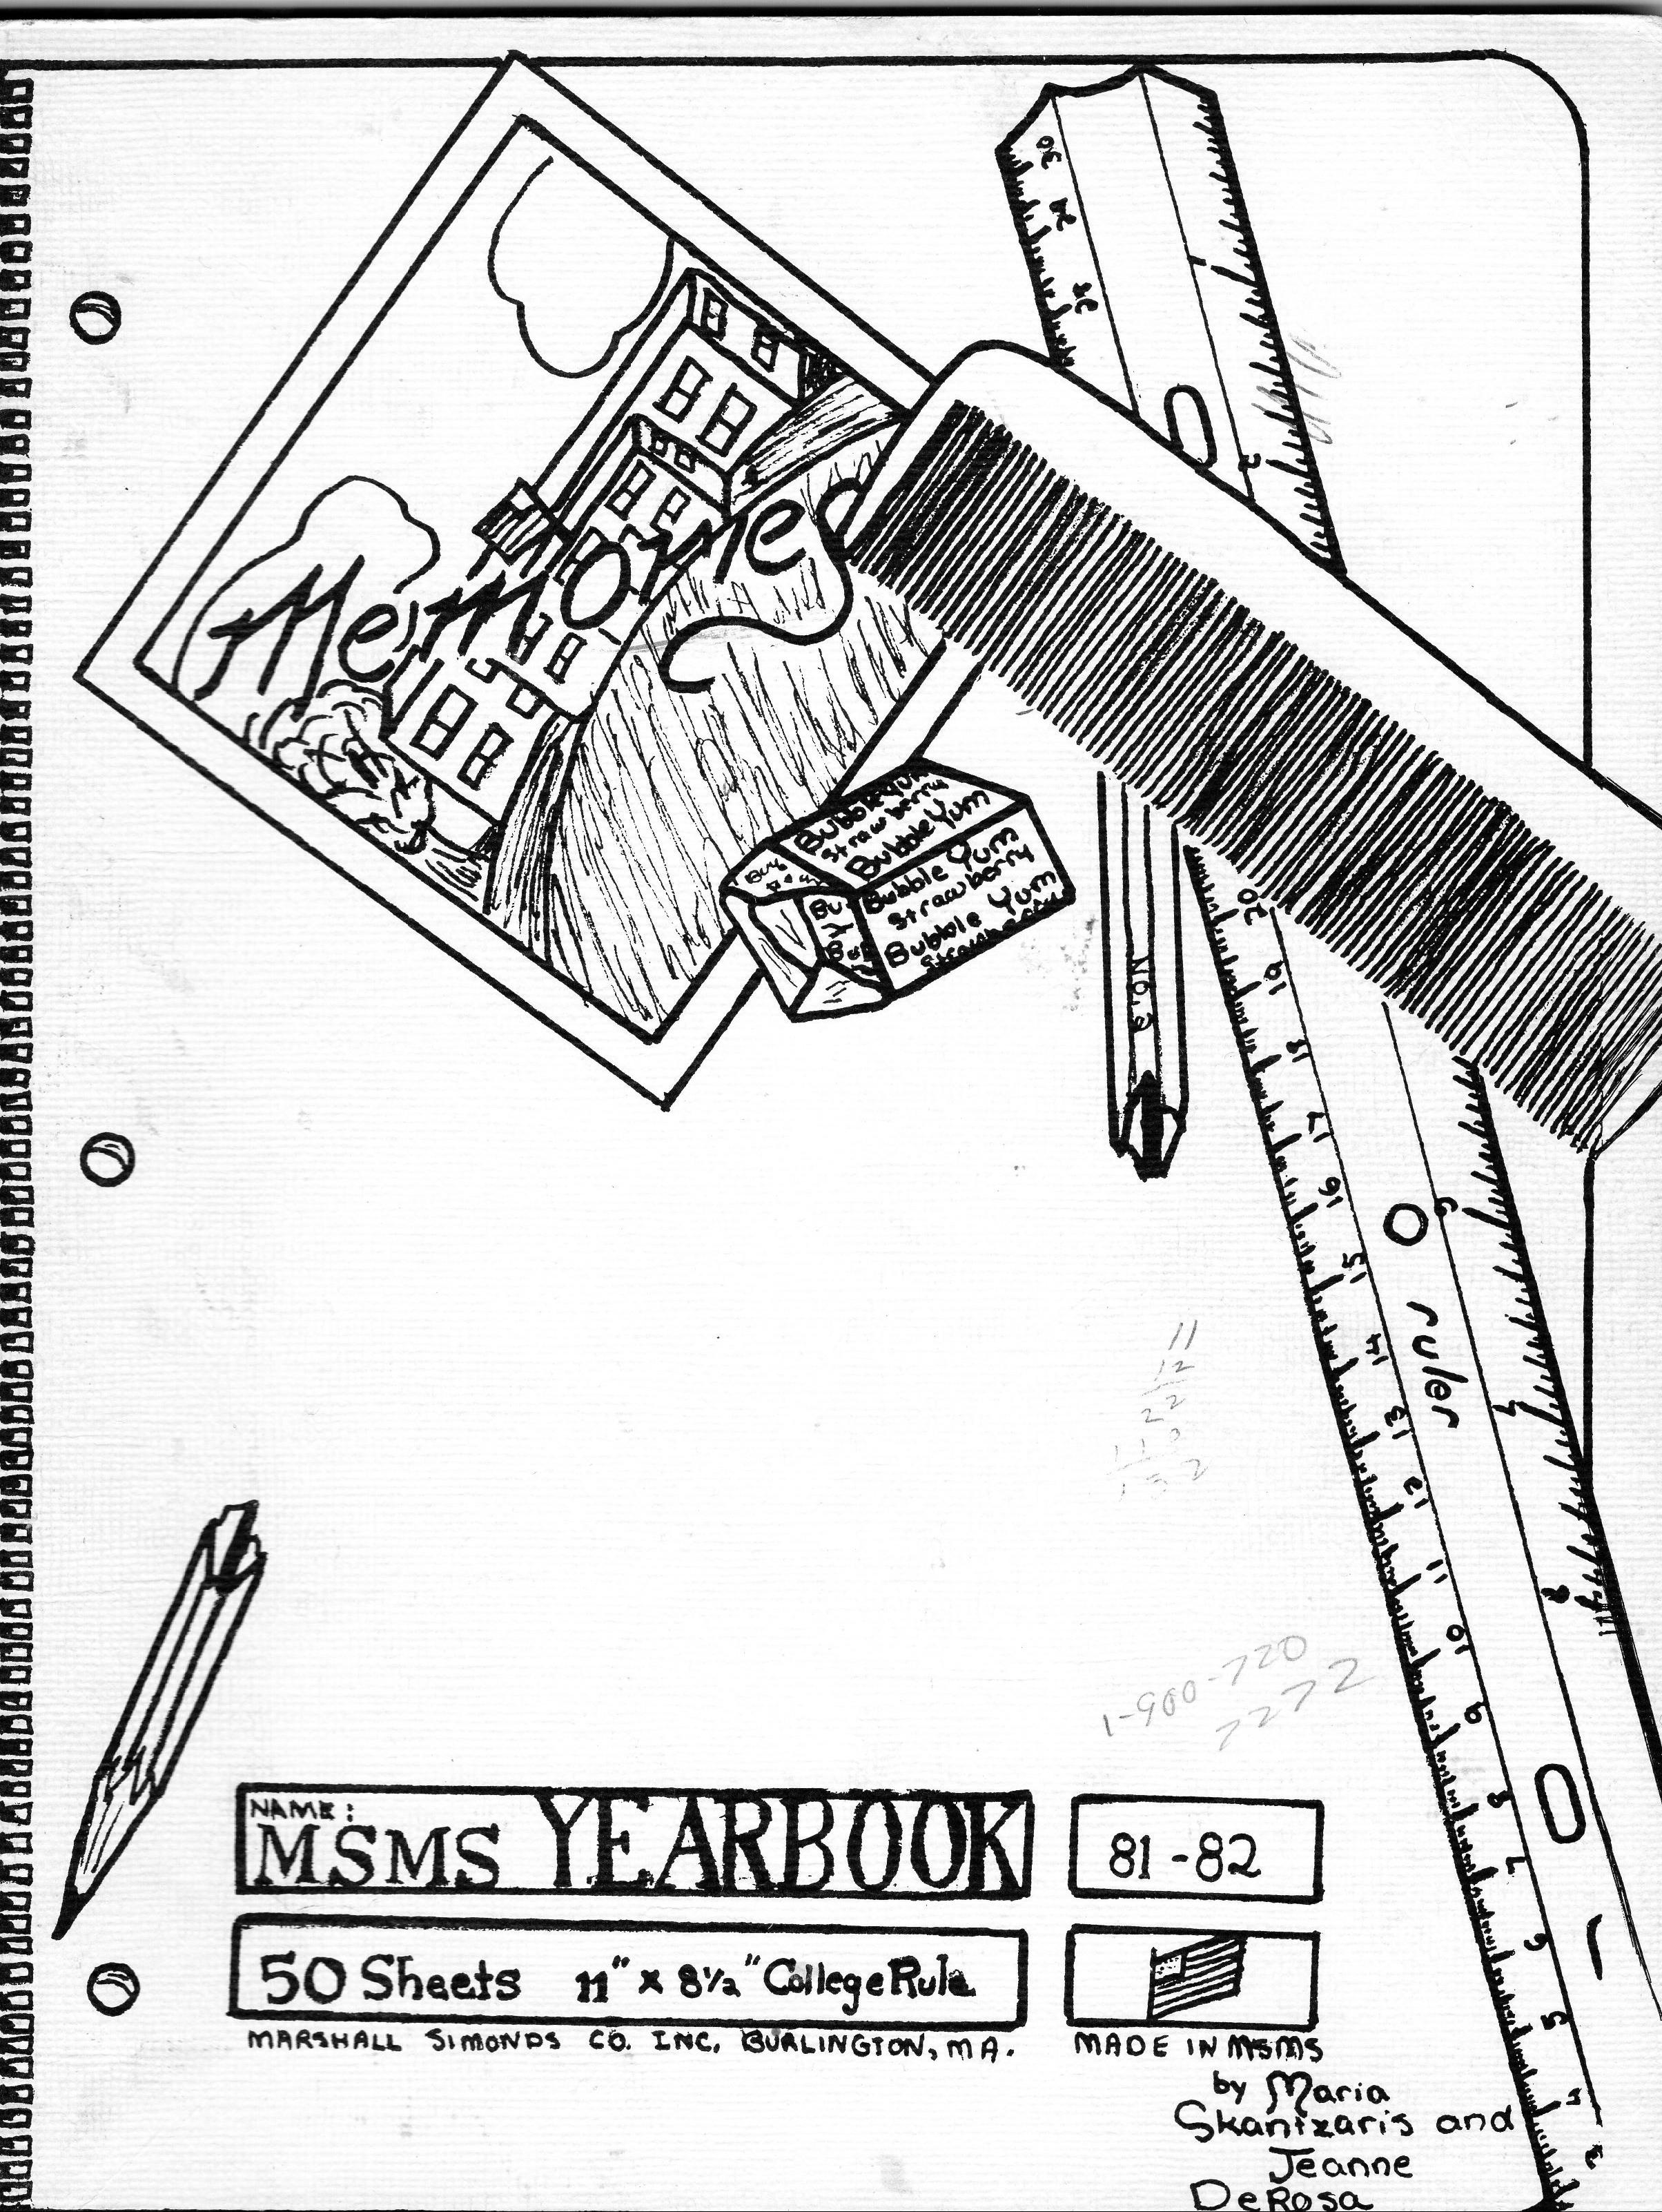 MSMS yearbooks